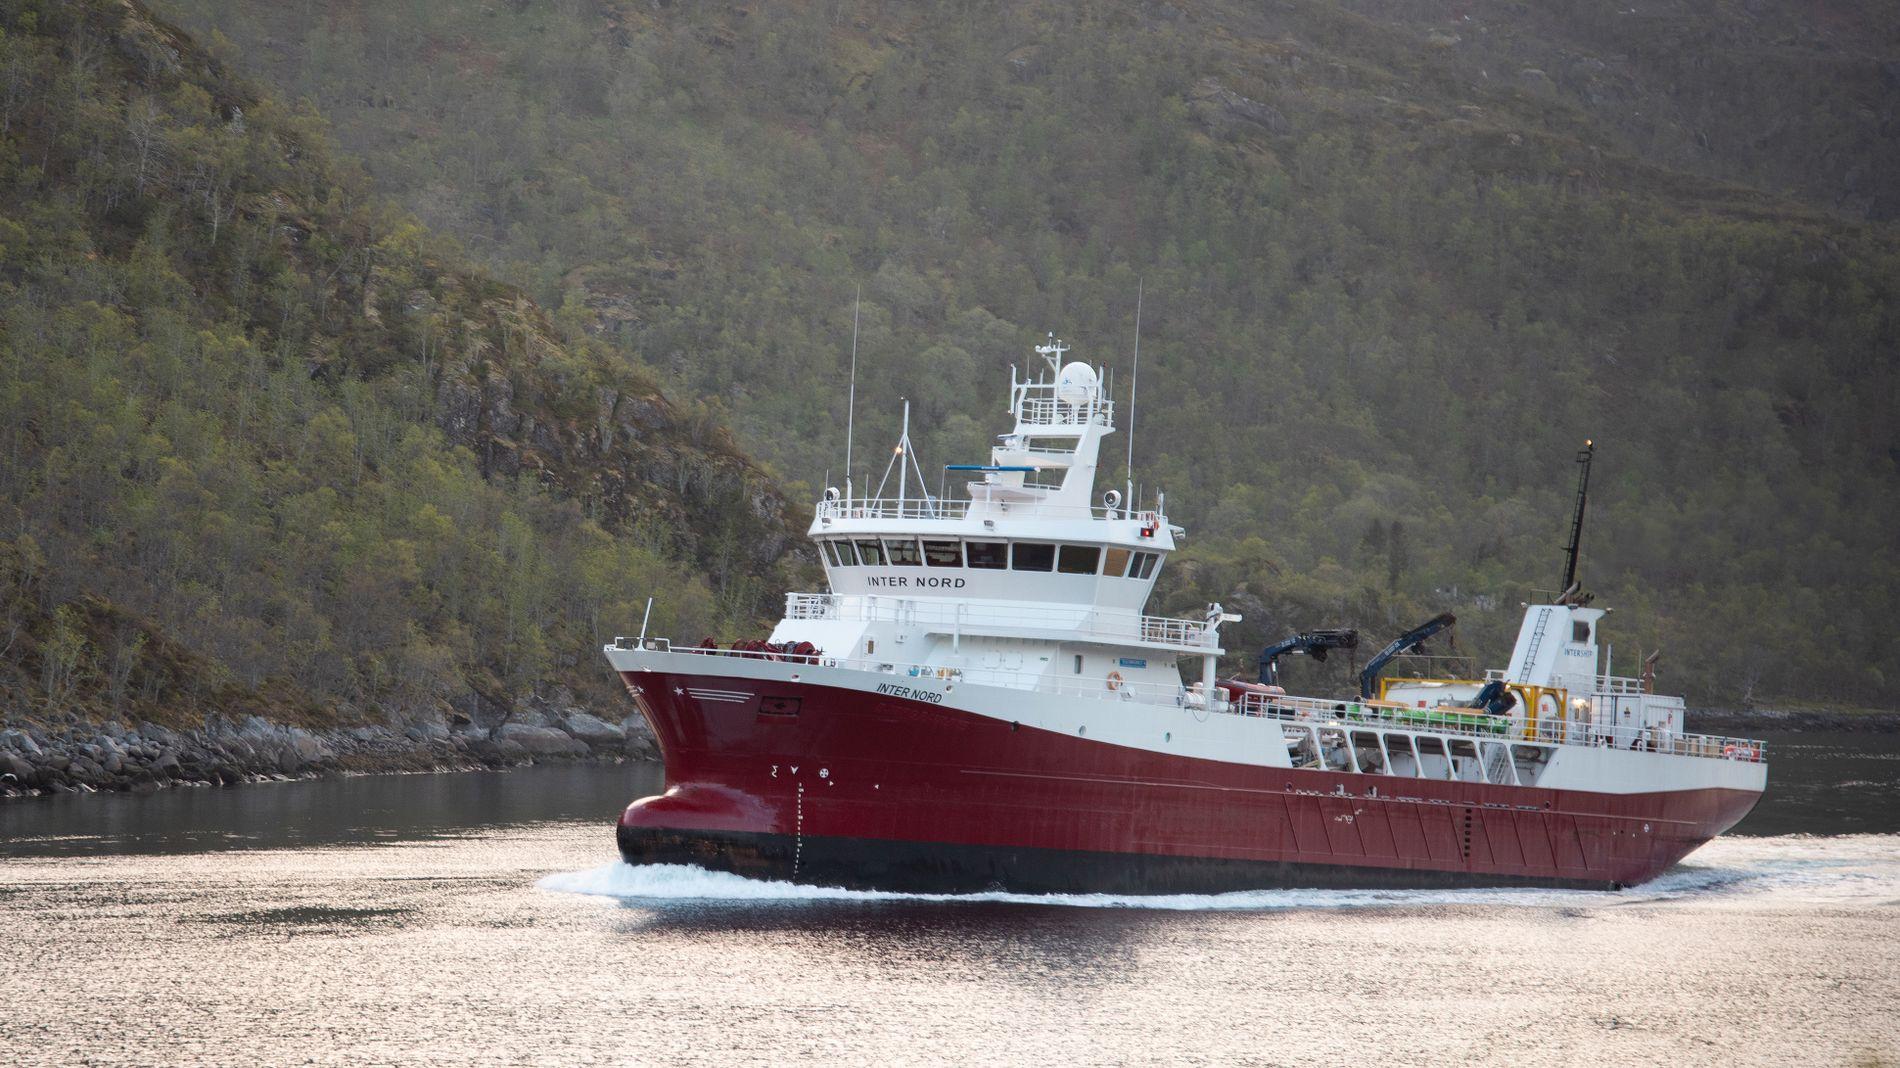 FULL GASS: Brønnbåten Inter Nord kjører tirsdag kveld og natt til onsdag i skyttel mellom Nordlaks' anlegg i Votvika øst for Svolvær og Brottøya i Hadsel. Her er skipet på full fart gjennom Raftsundet sent tirsdag kveld.